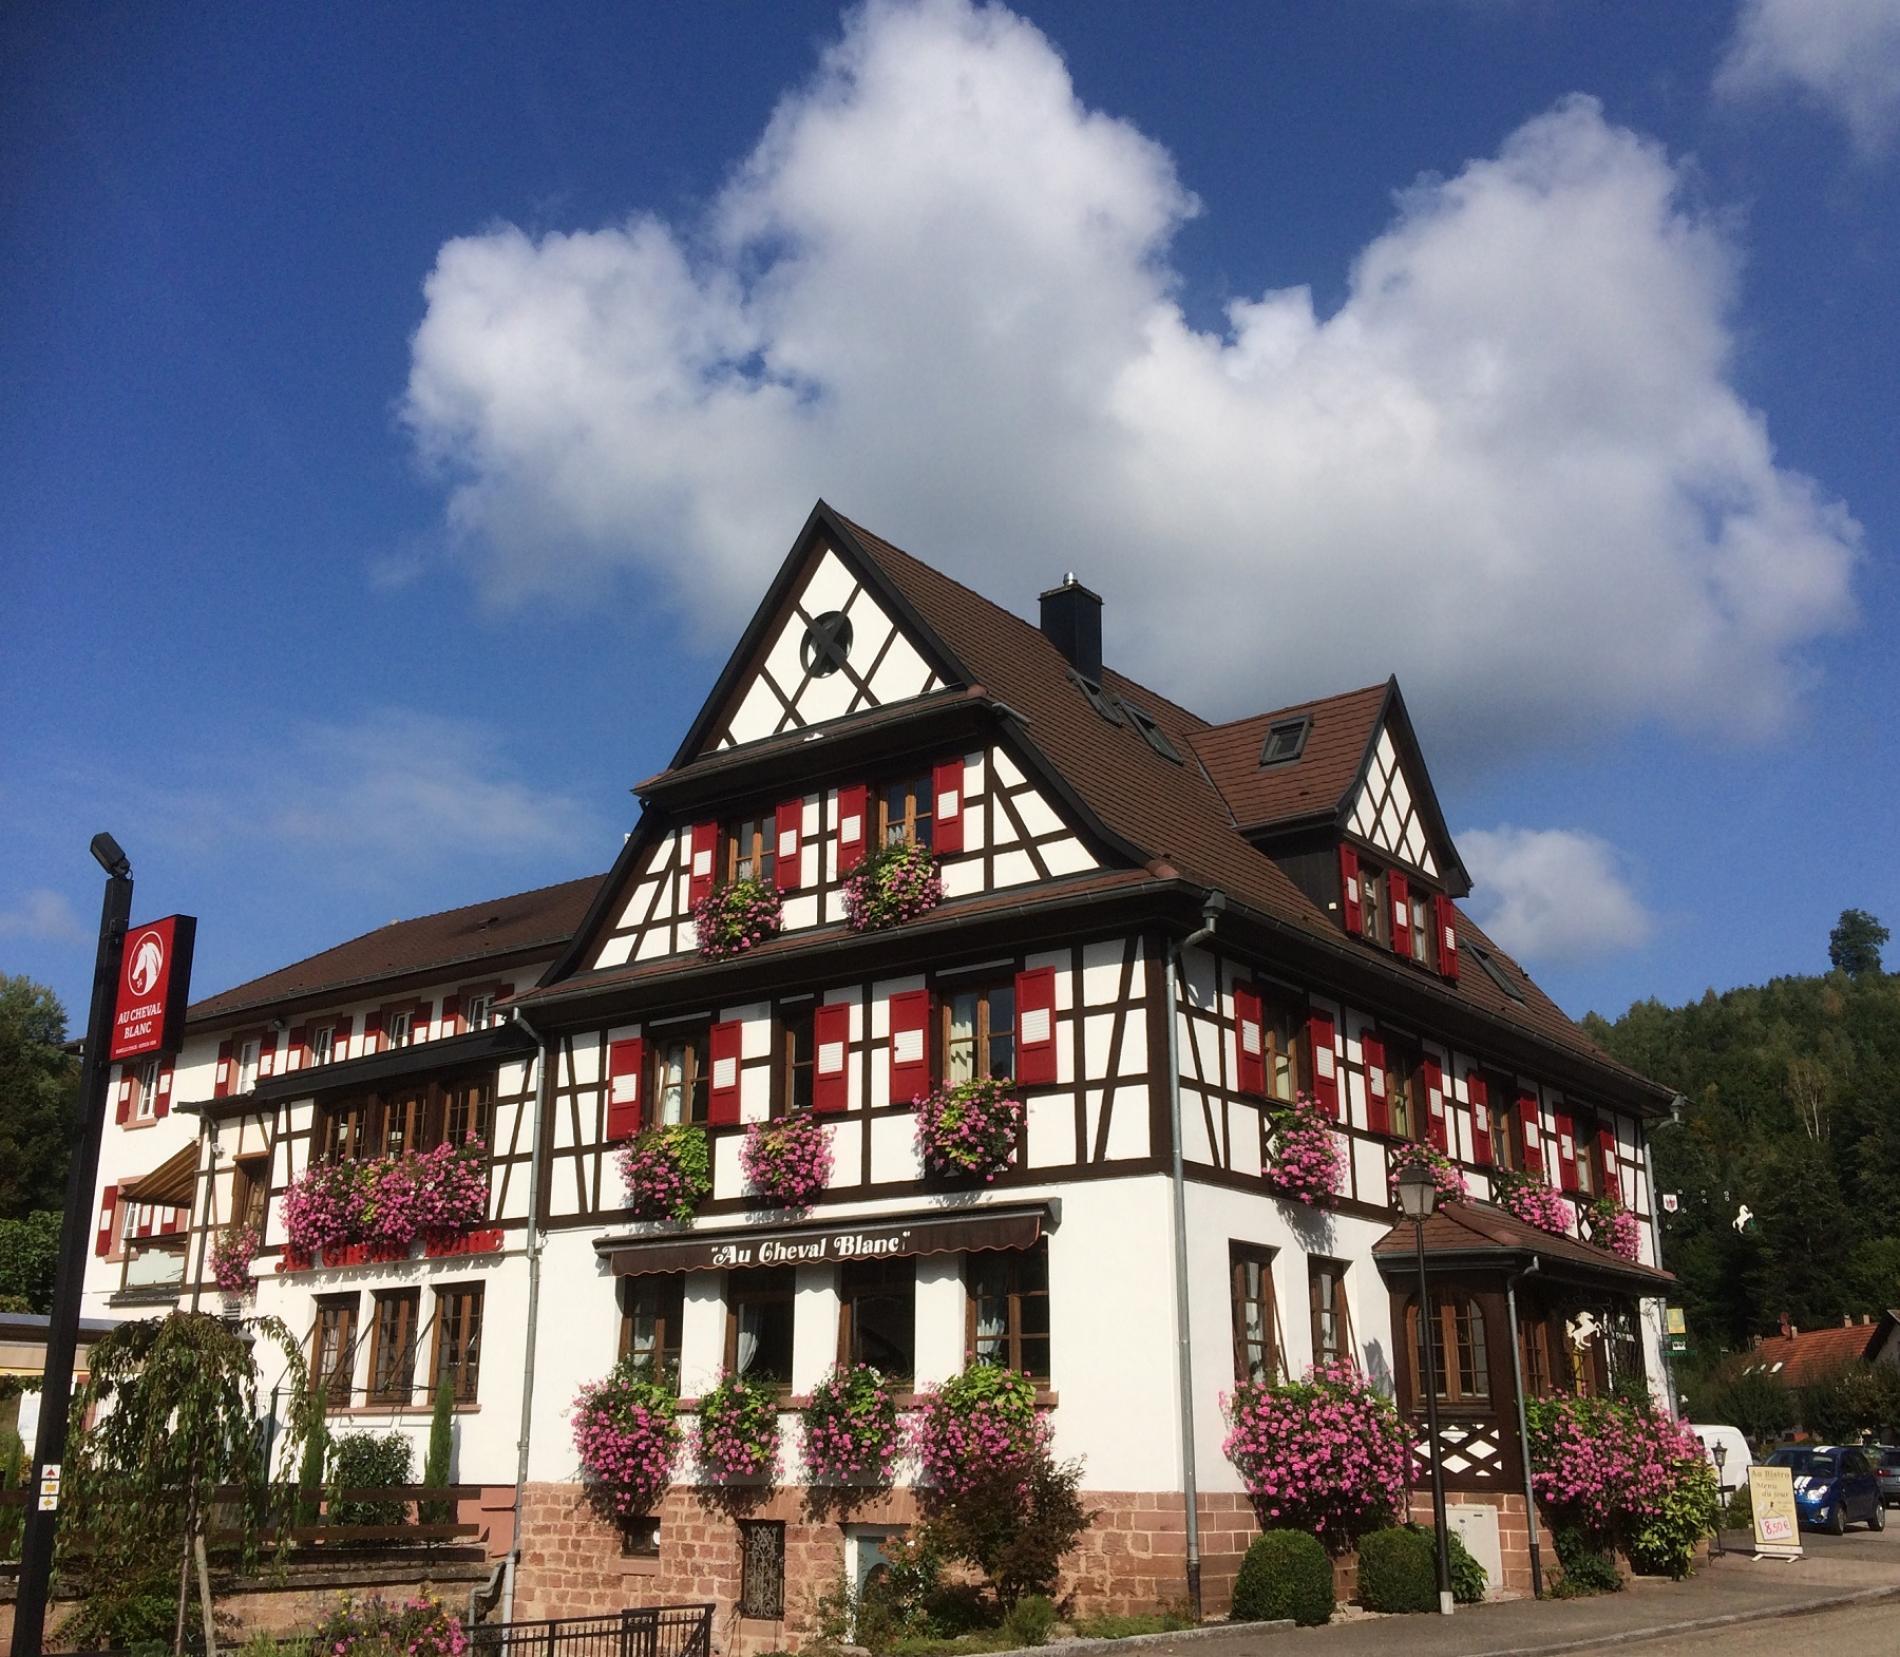 Alsace authentique tout près de l'Allemagne